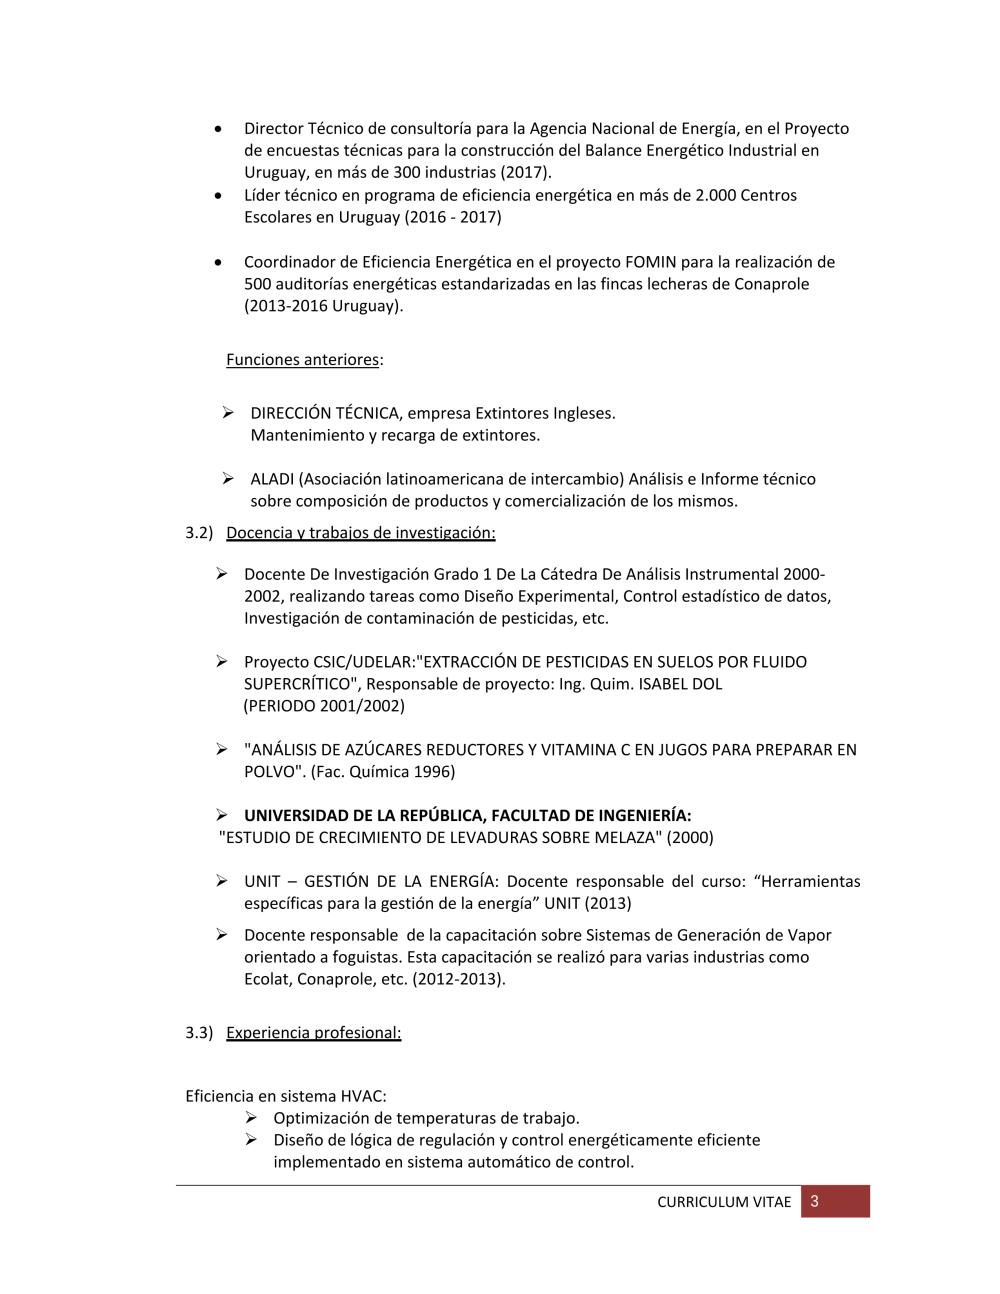 DNE - Eficiencia Energetica - CV\' Marcelo Calosso.pdf - Transporte